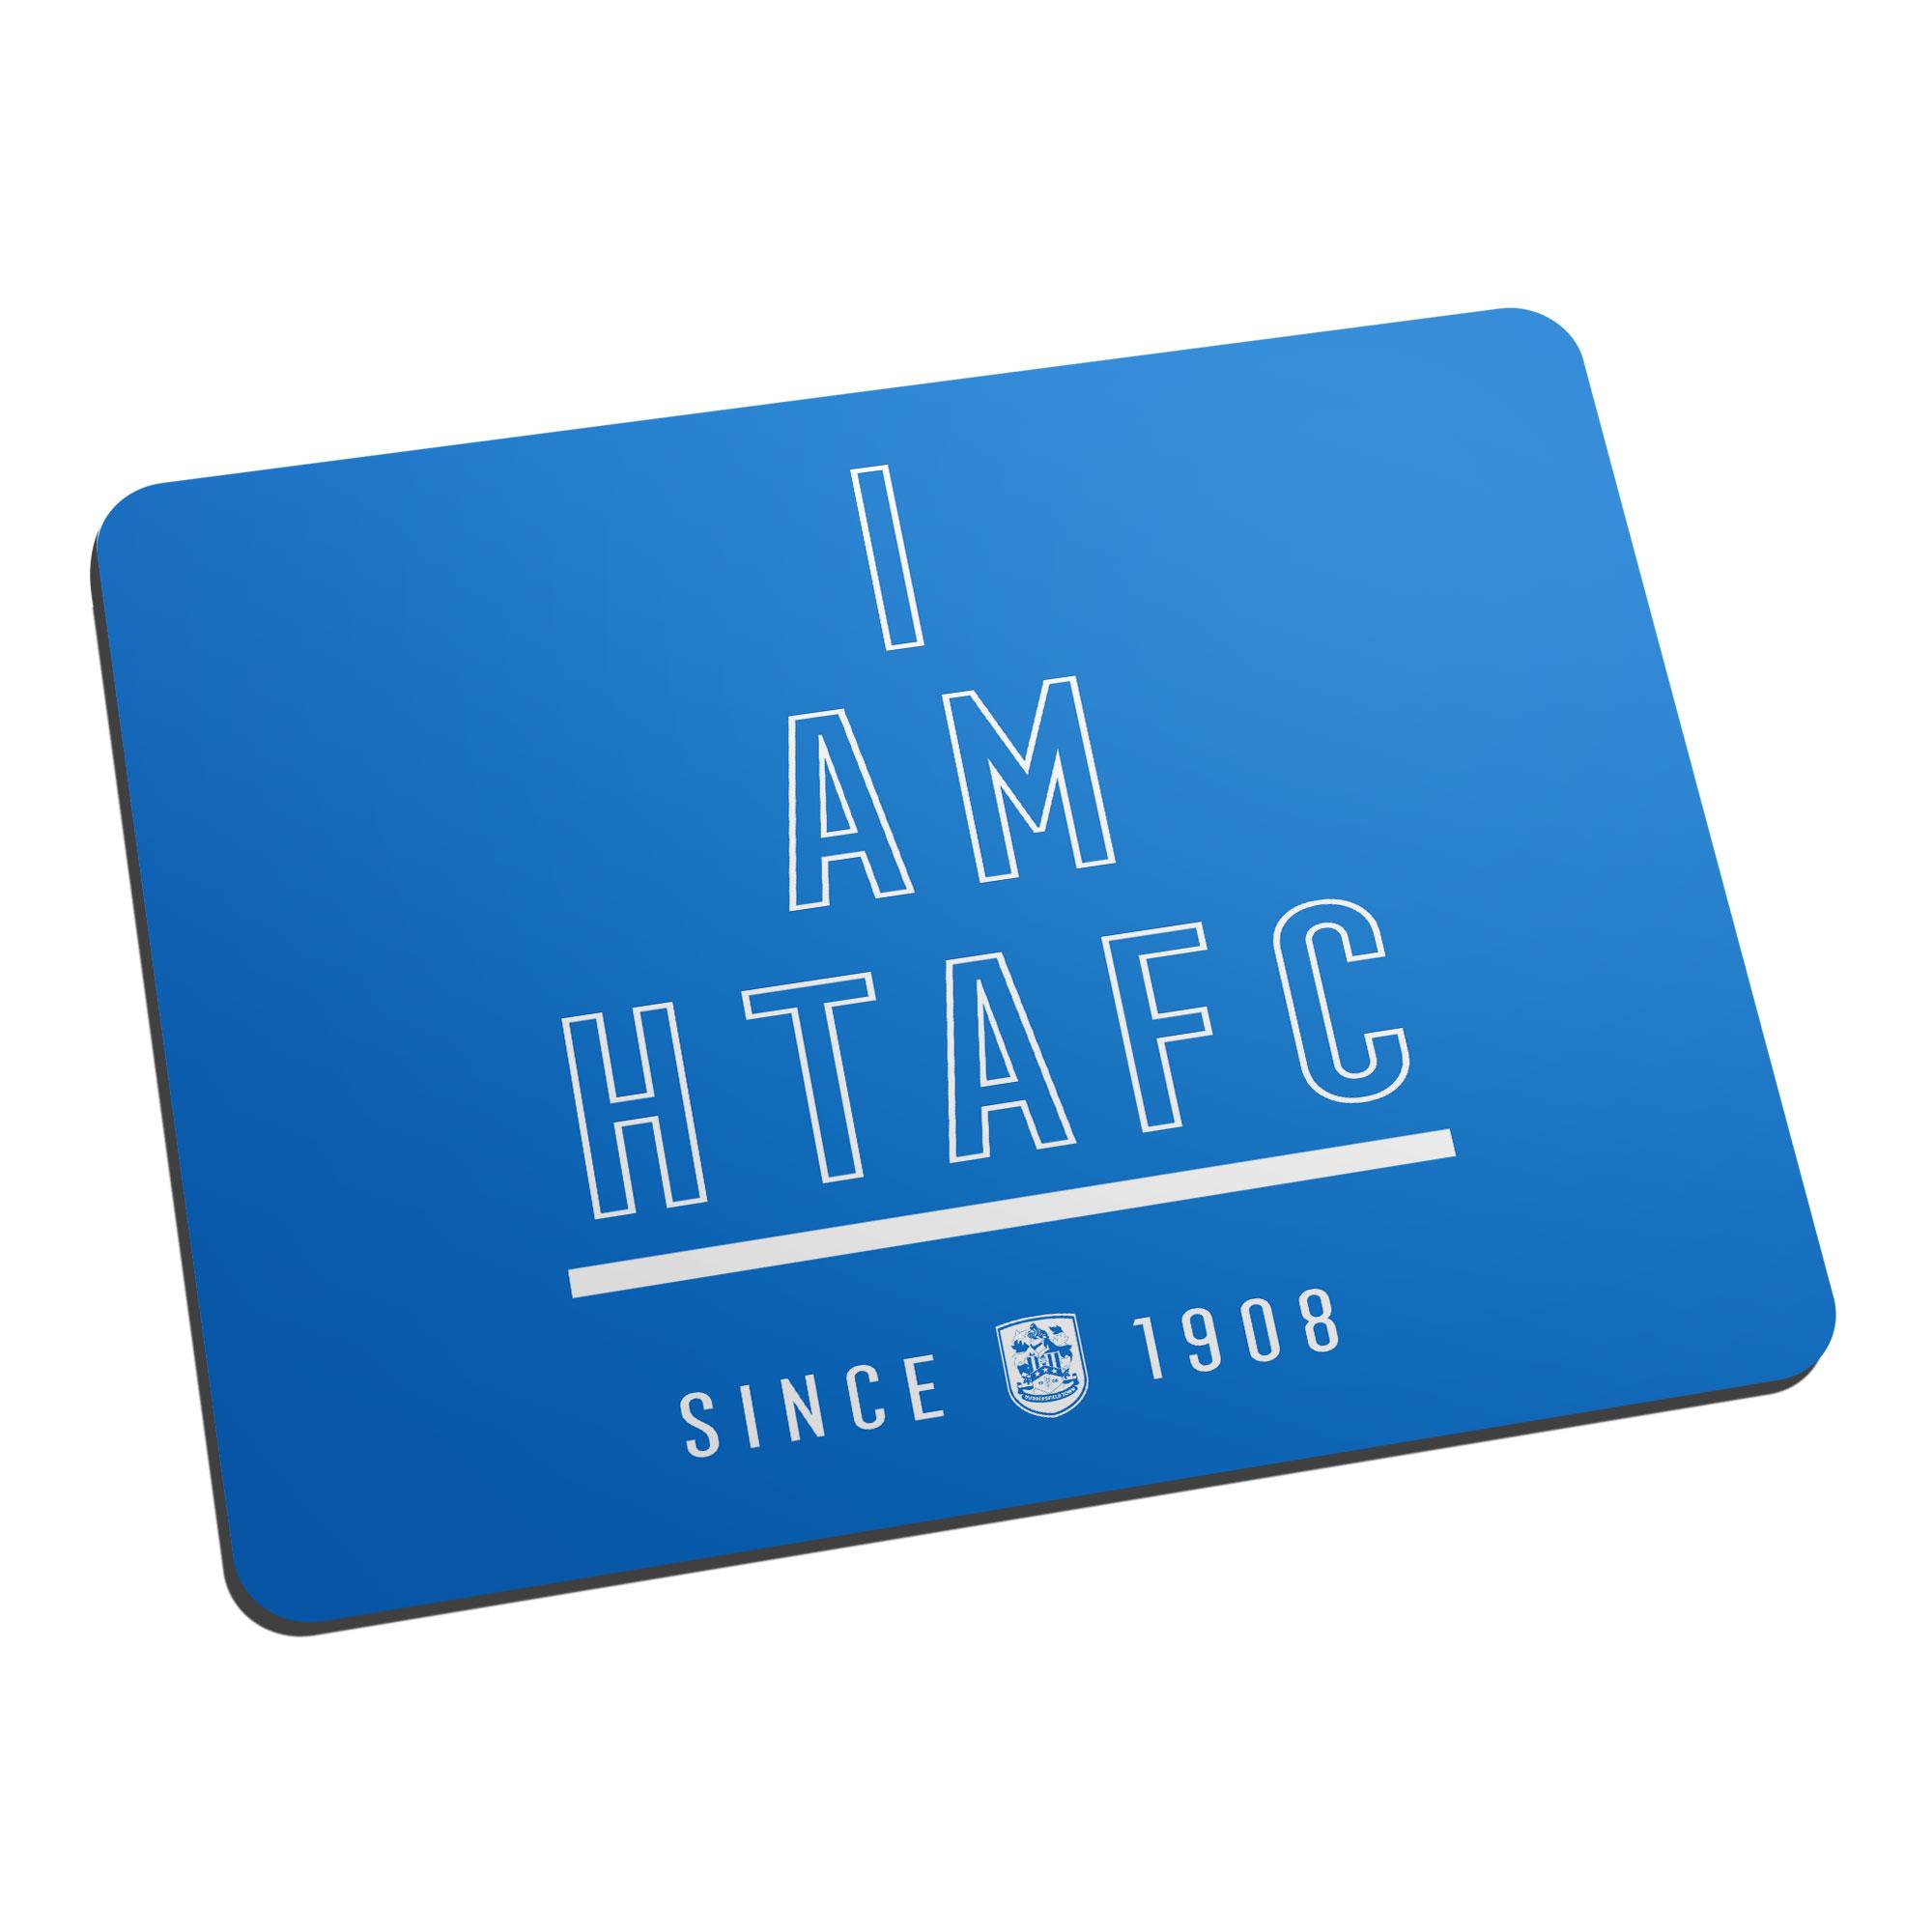 Huddersfield Town I Am Mouse Mat